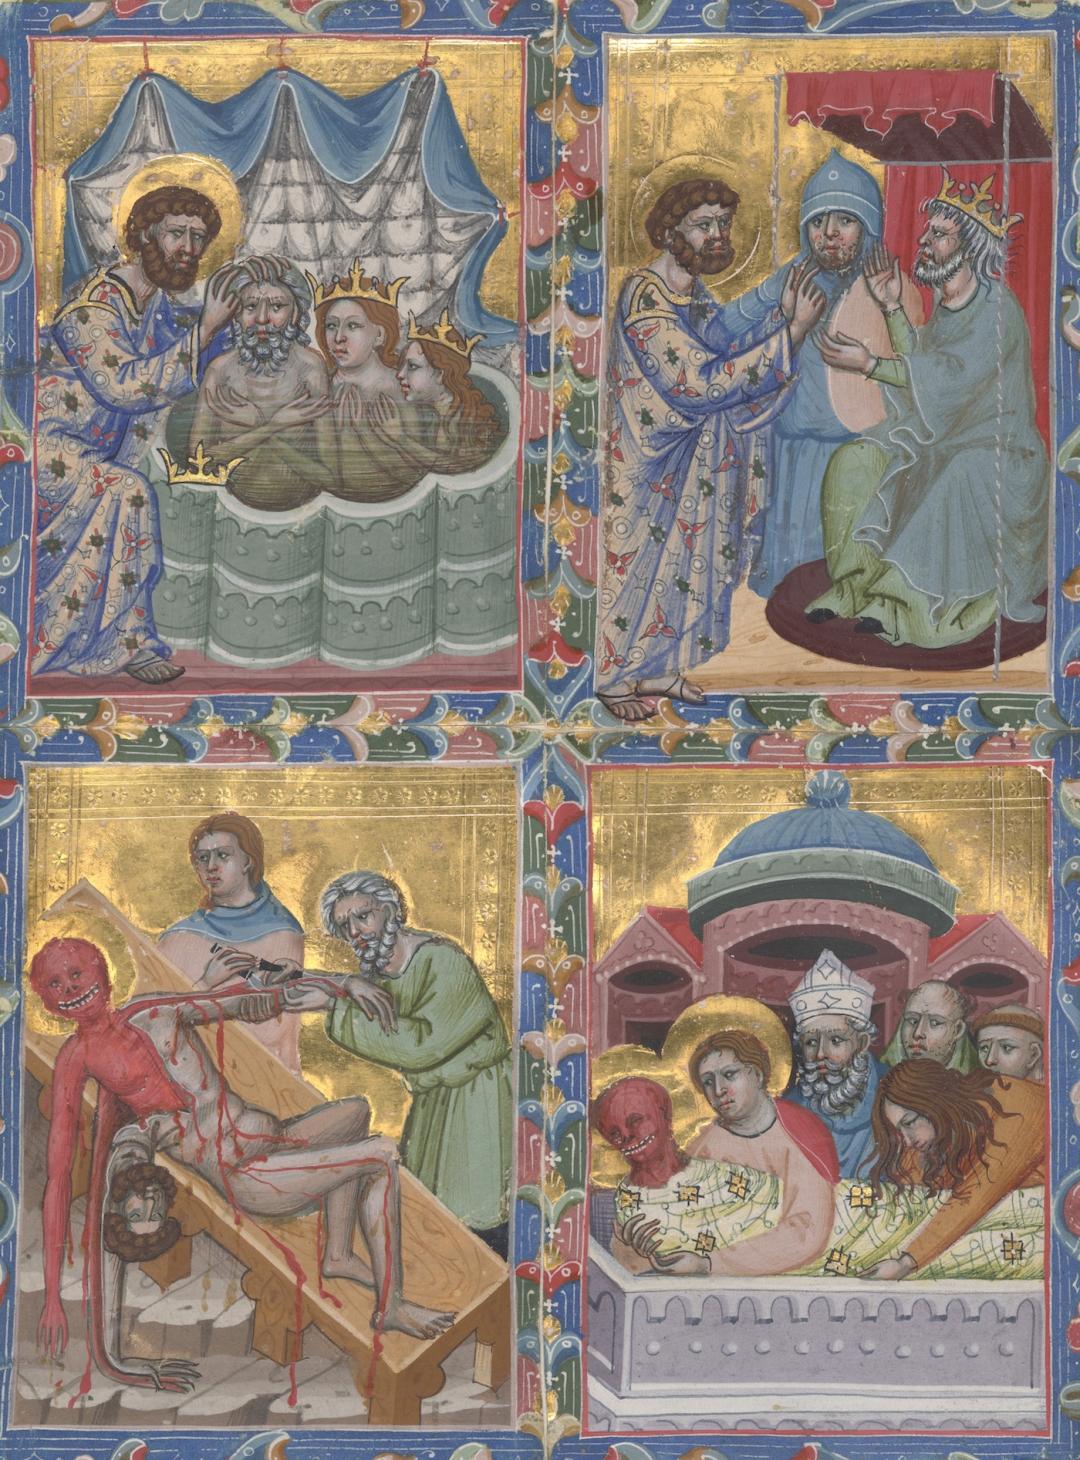 medievalmonsters4-1080x1460.jpg